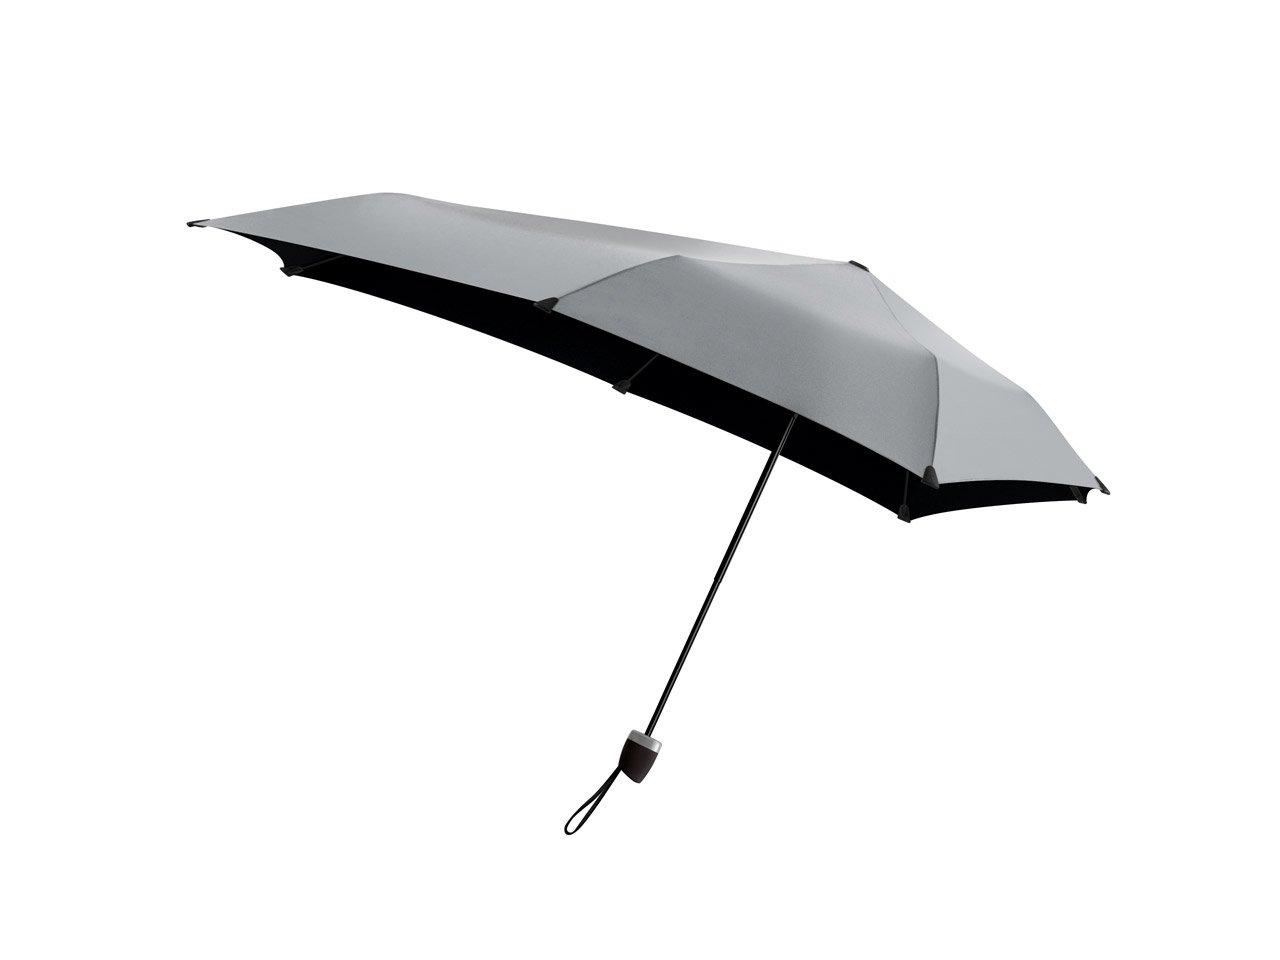 Senz Manual Umbrella, Shiny Silver